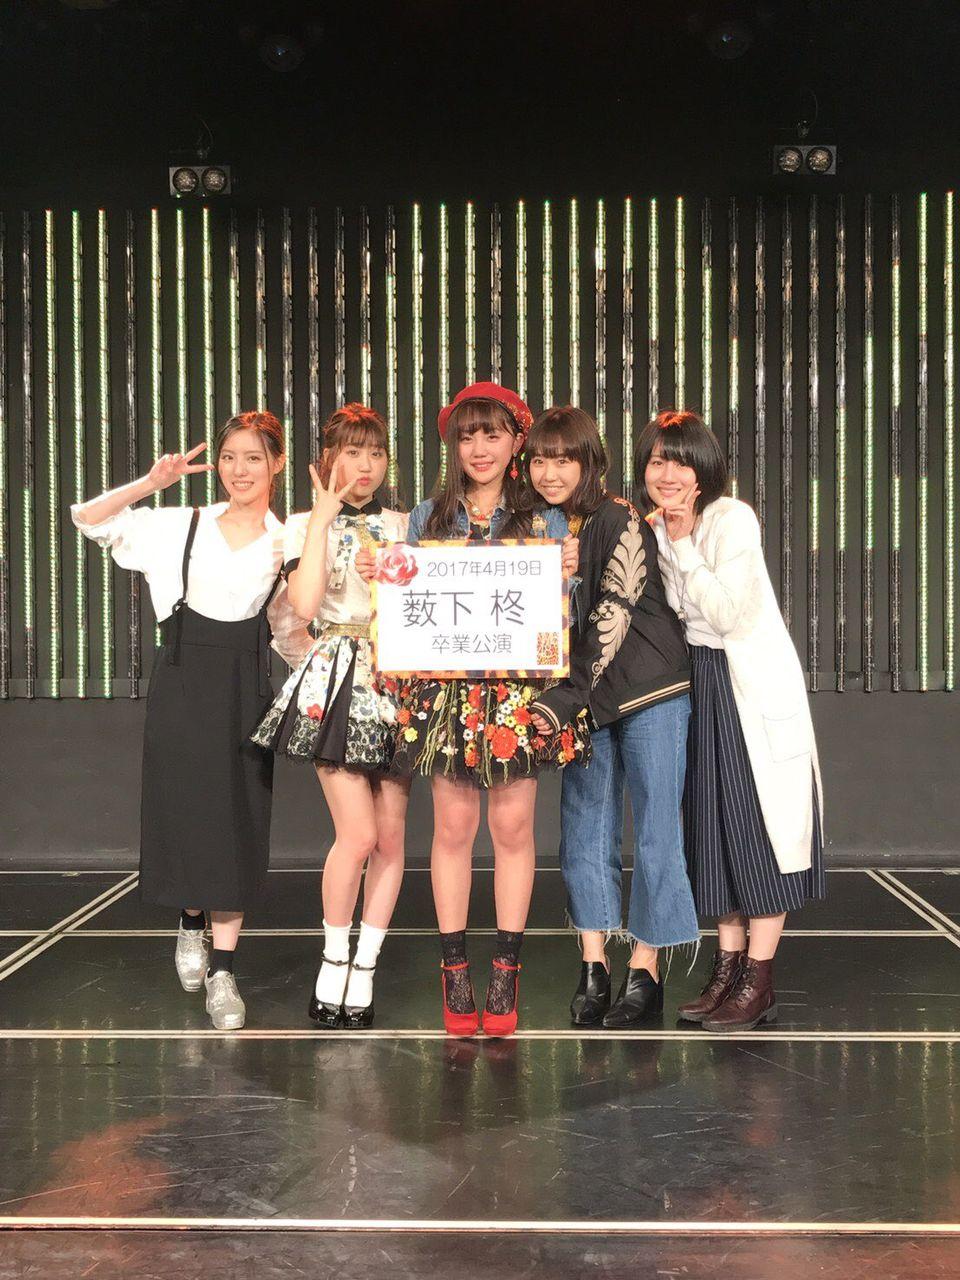 【NMB48】薮下柊卒業公演後のメンバーの反応など